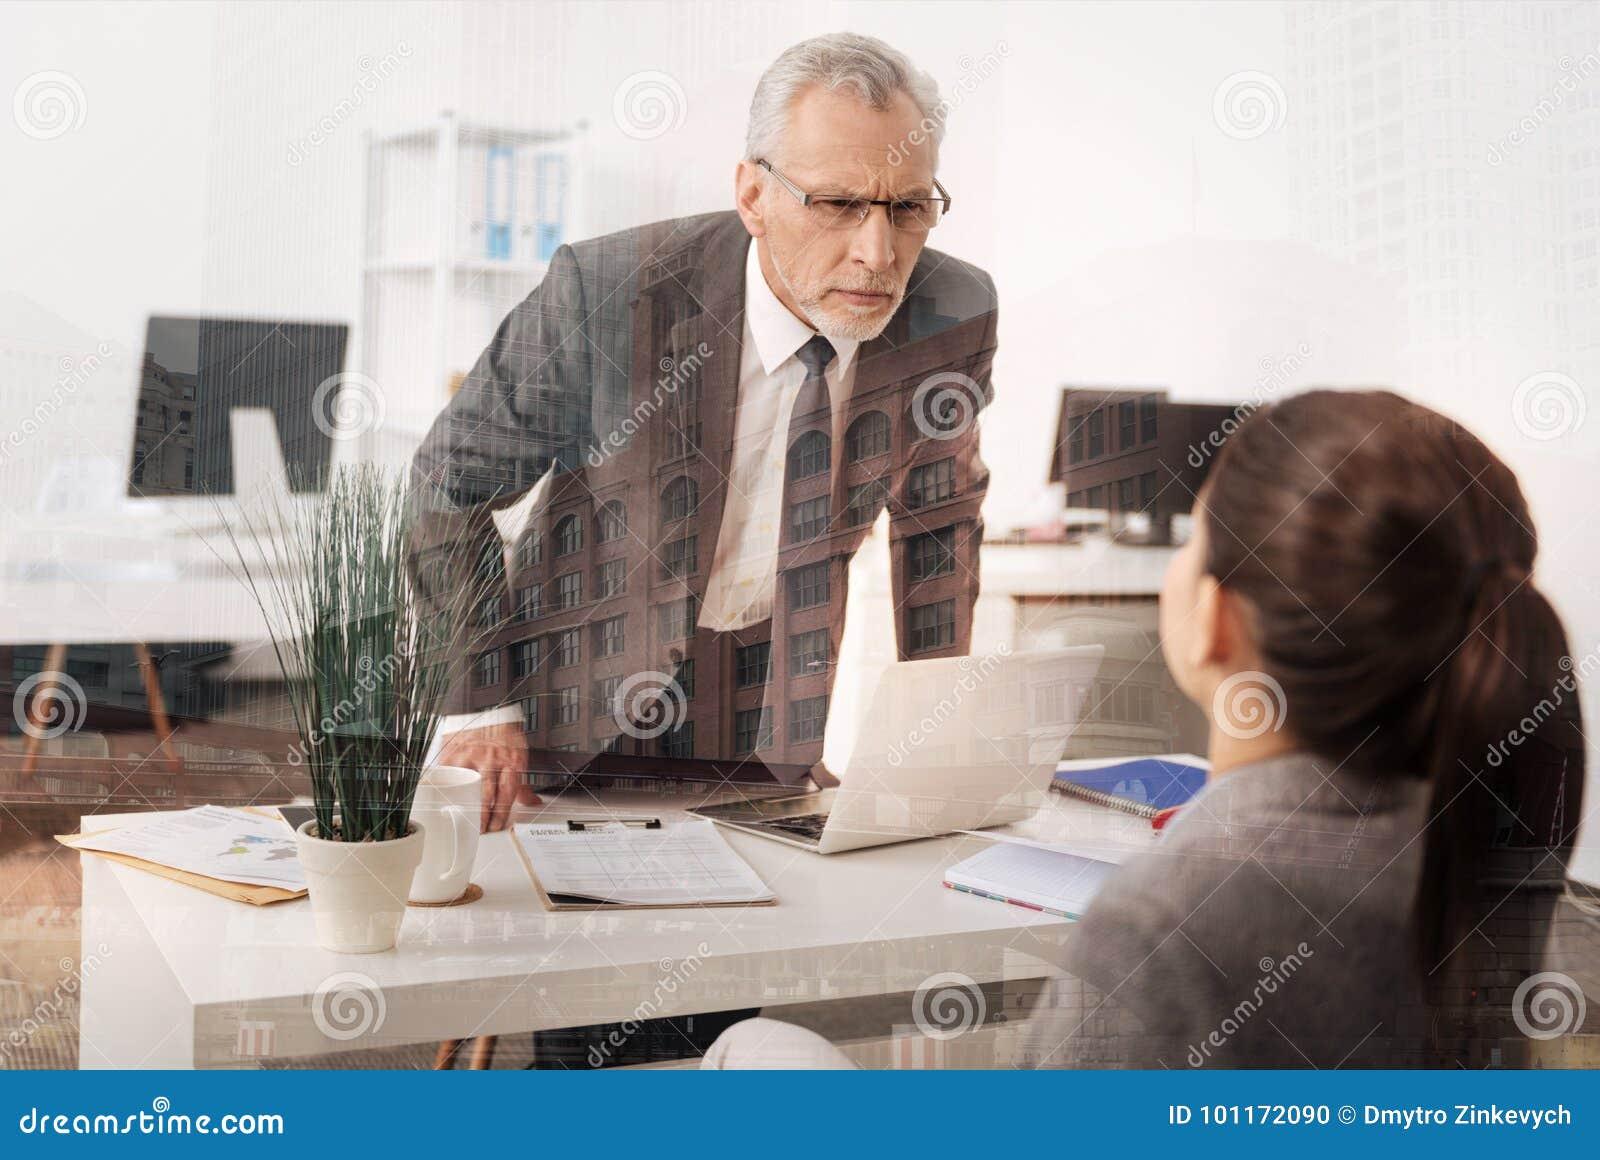 Surowy szef ma uprzedzenia przeciw jego żeńskiemu urzędnikowi